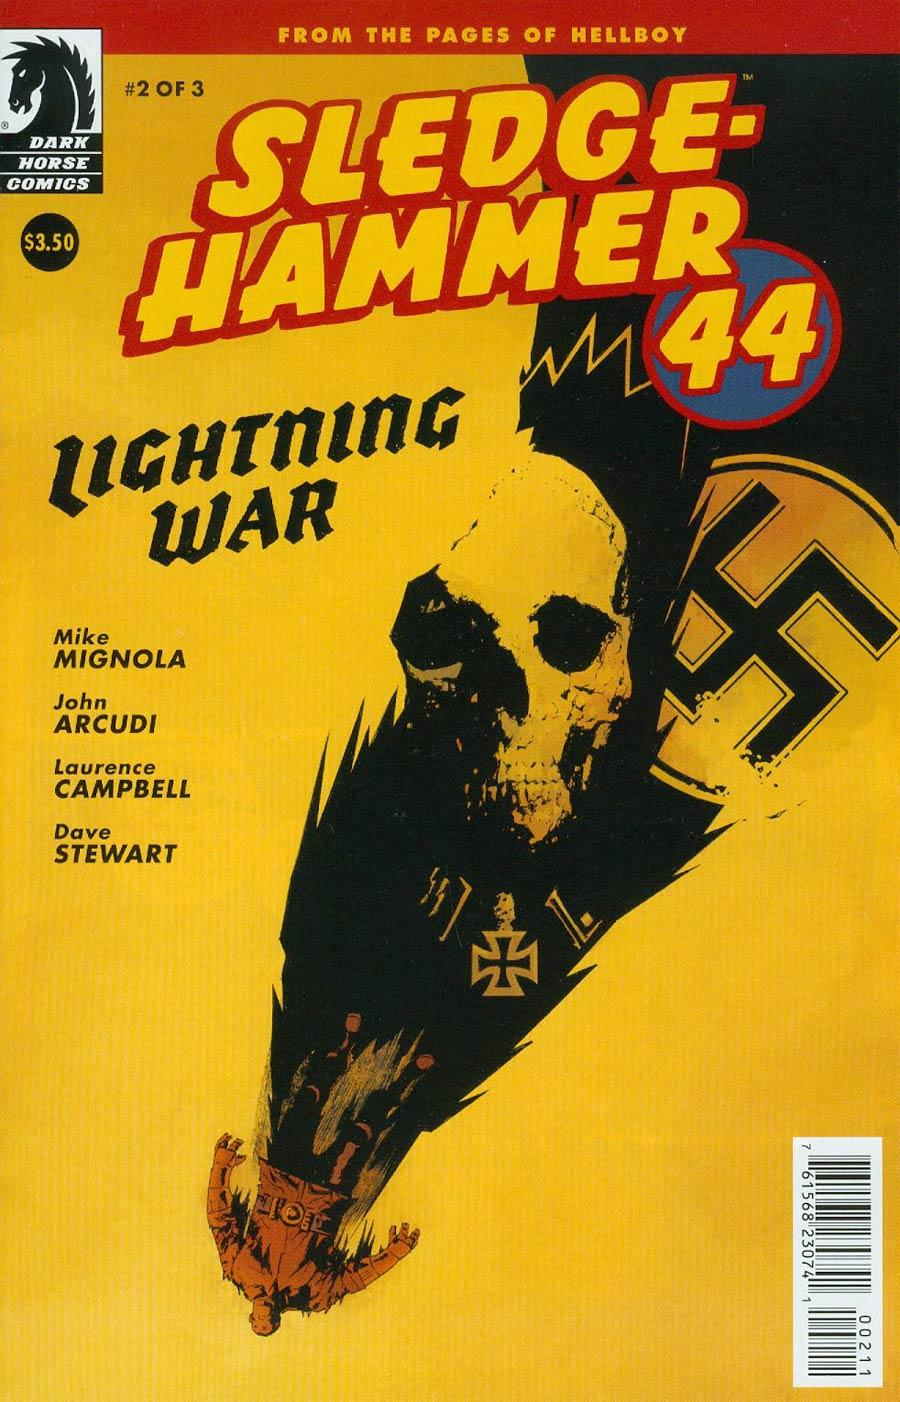 Sledgehammer 44 Lightning War #2